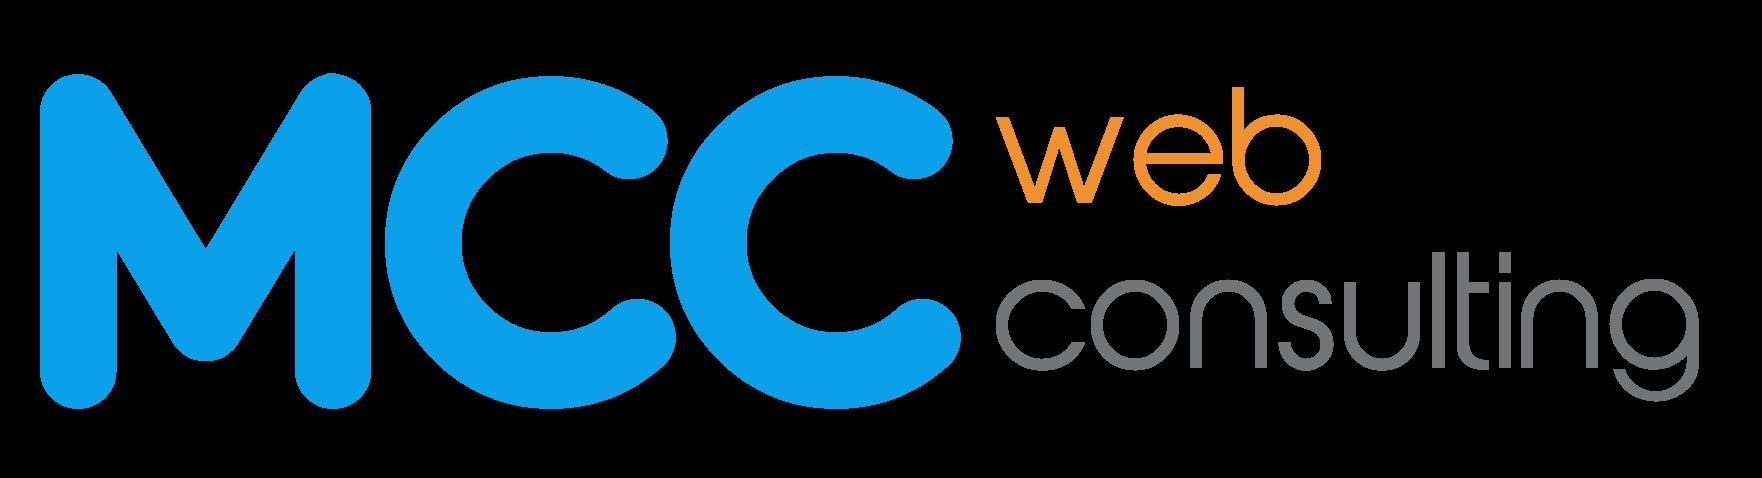 MCC Web Consulting